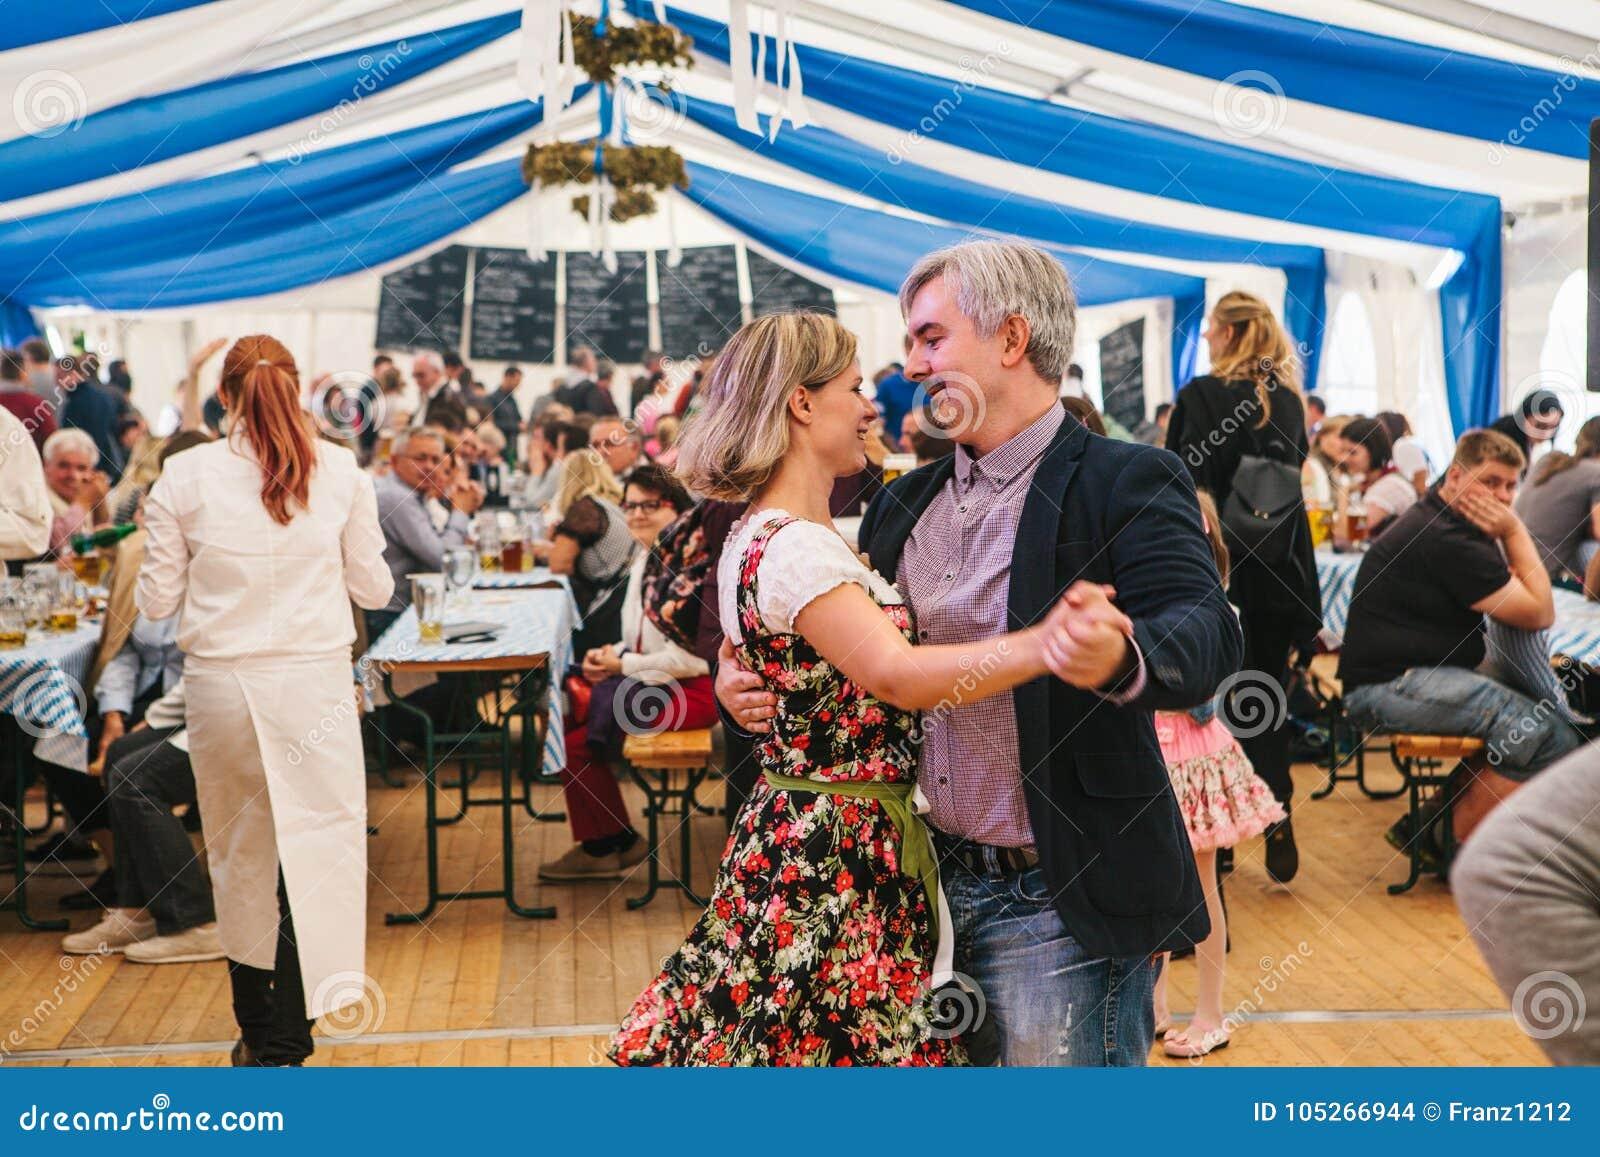 Πράγα, στις 23 Σεπτεμβρίου 2017: Γιορτάζοντας το παραδοσιακό γερμανικό φεστιβάλ μπύρας αποκαλούμενο Oktoberfest στη Δημοκρατία τη